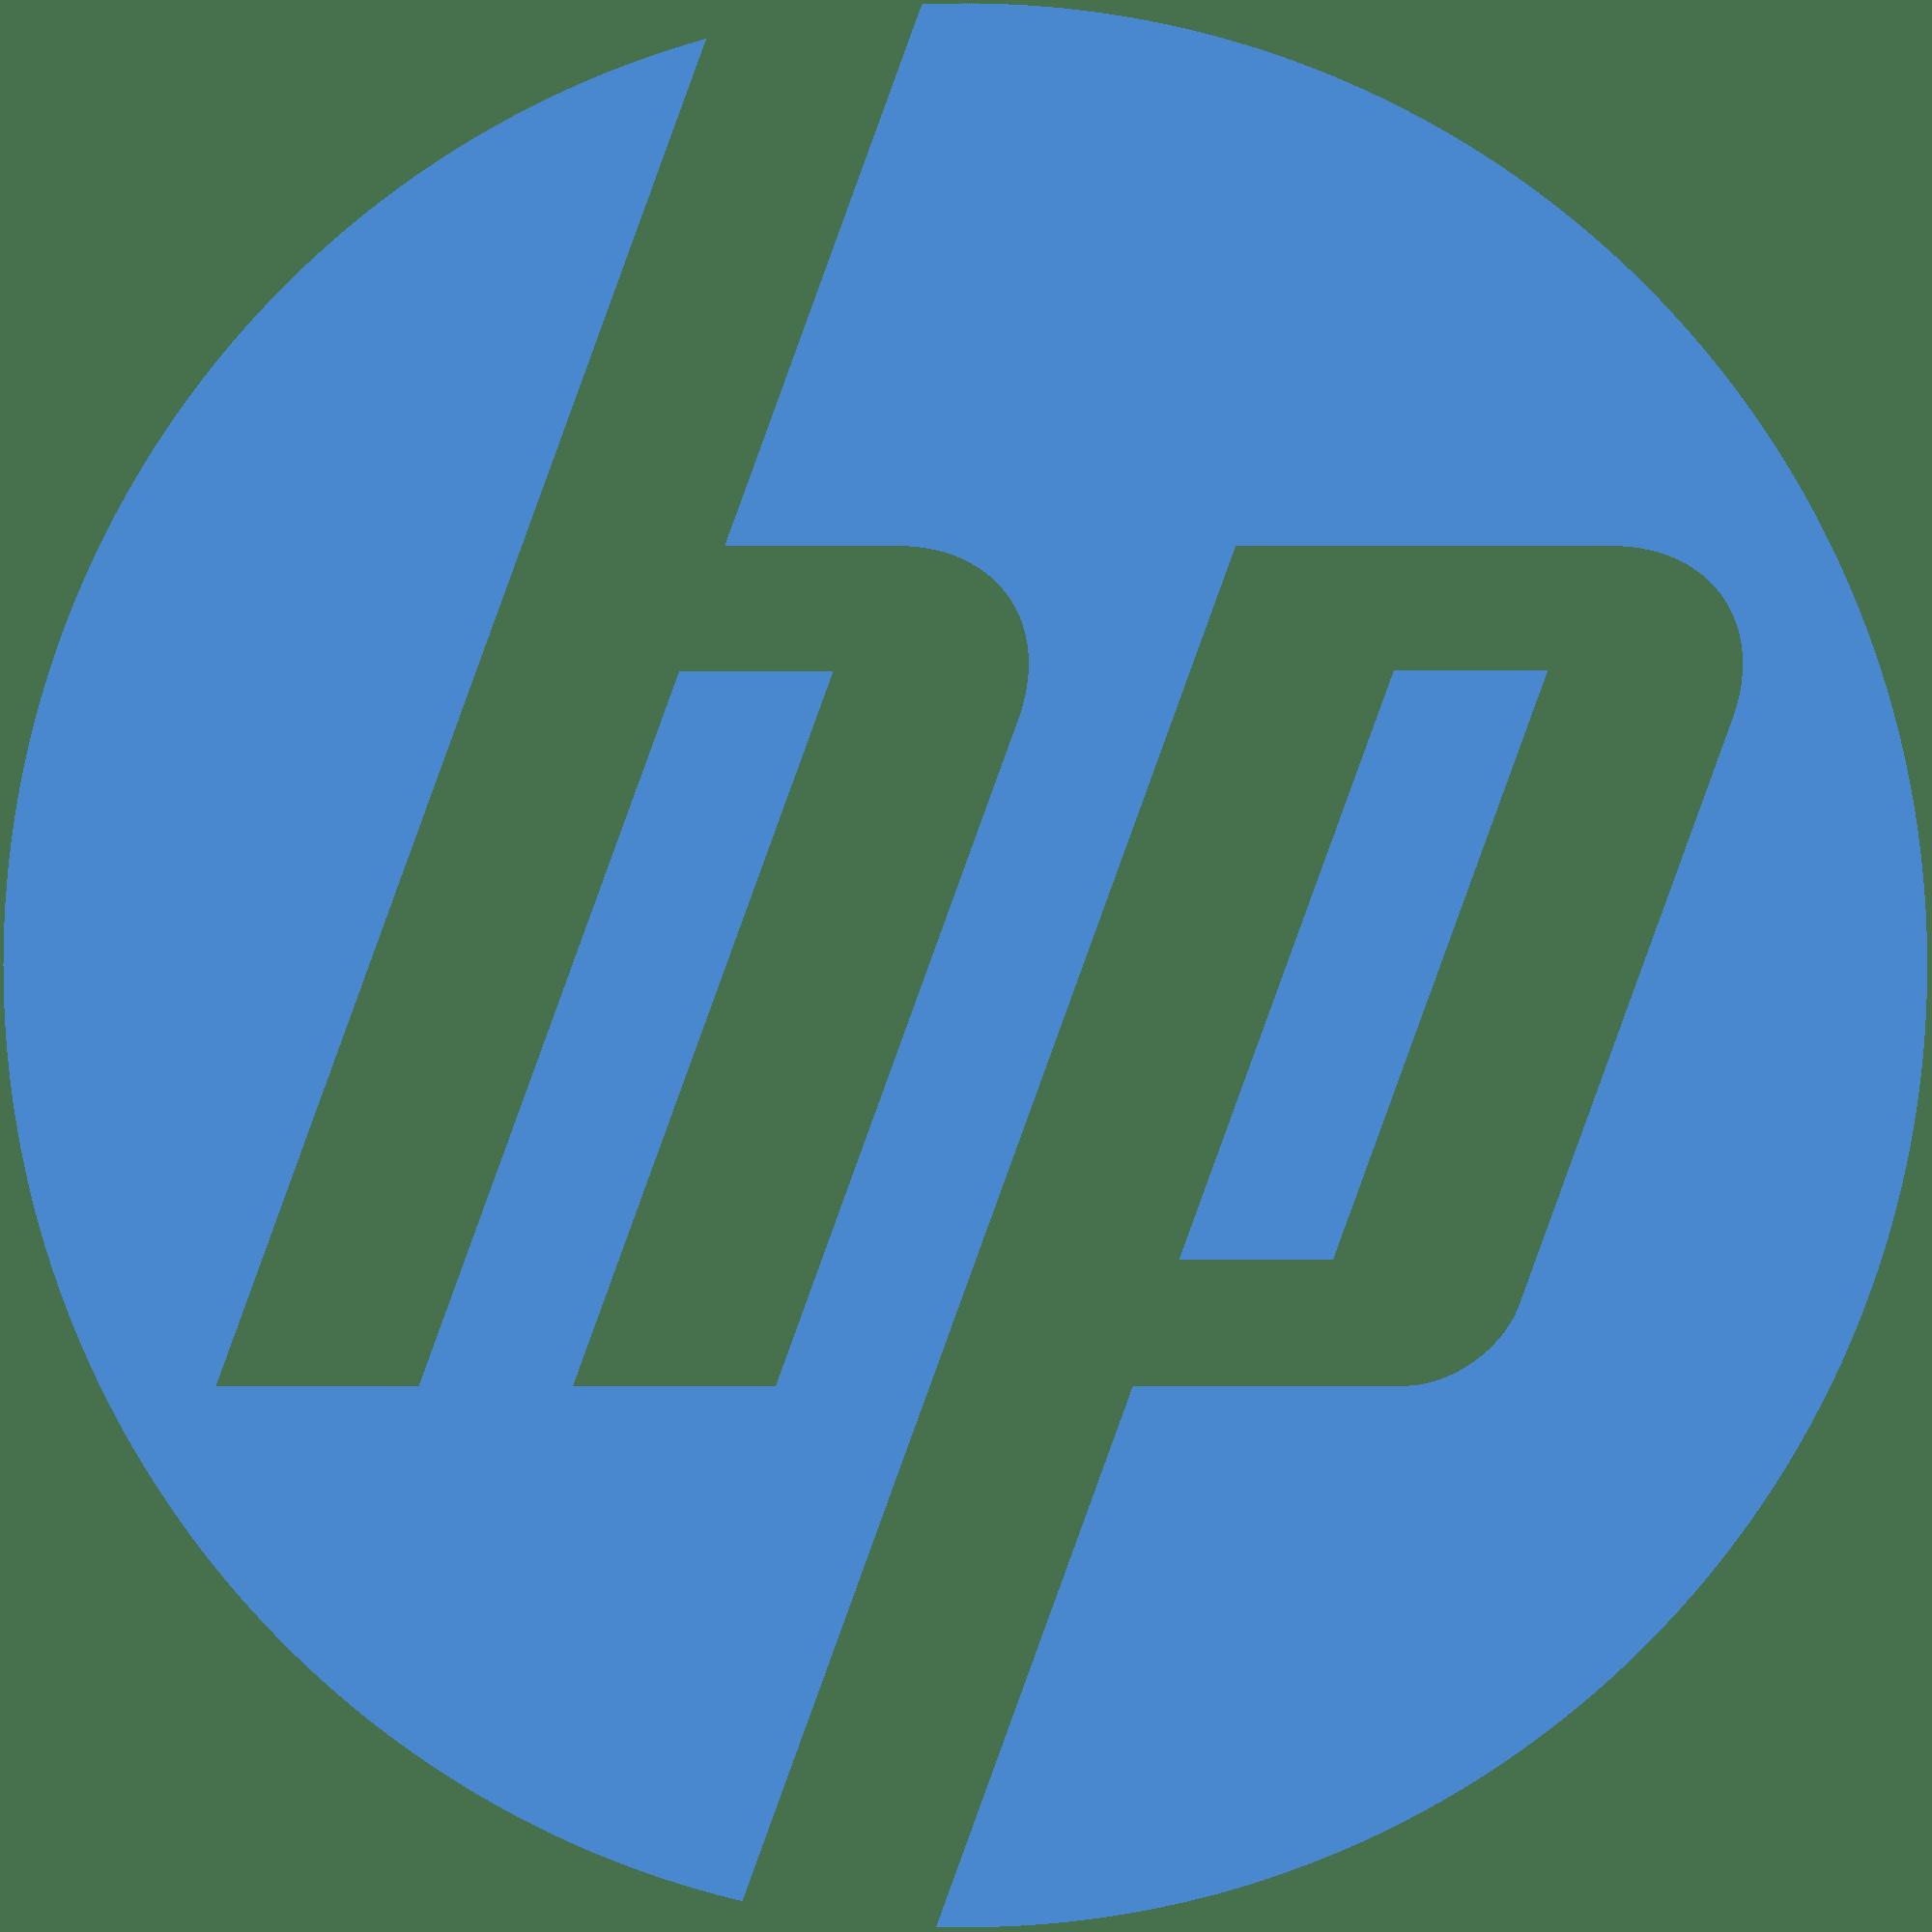 HP LaserJet Pro 400 Printer M401dne drivers